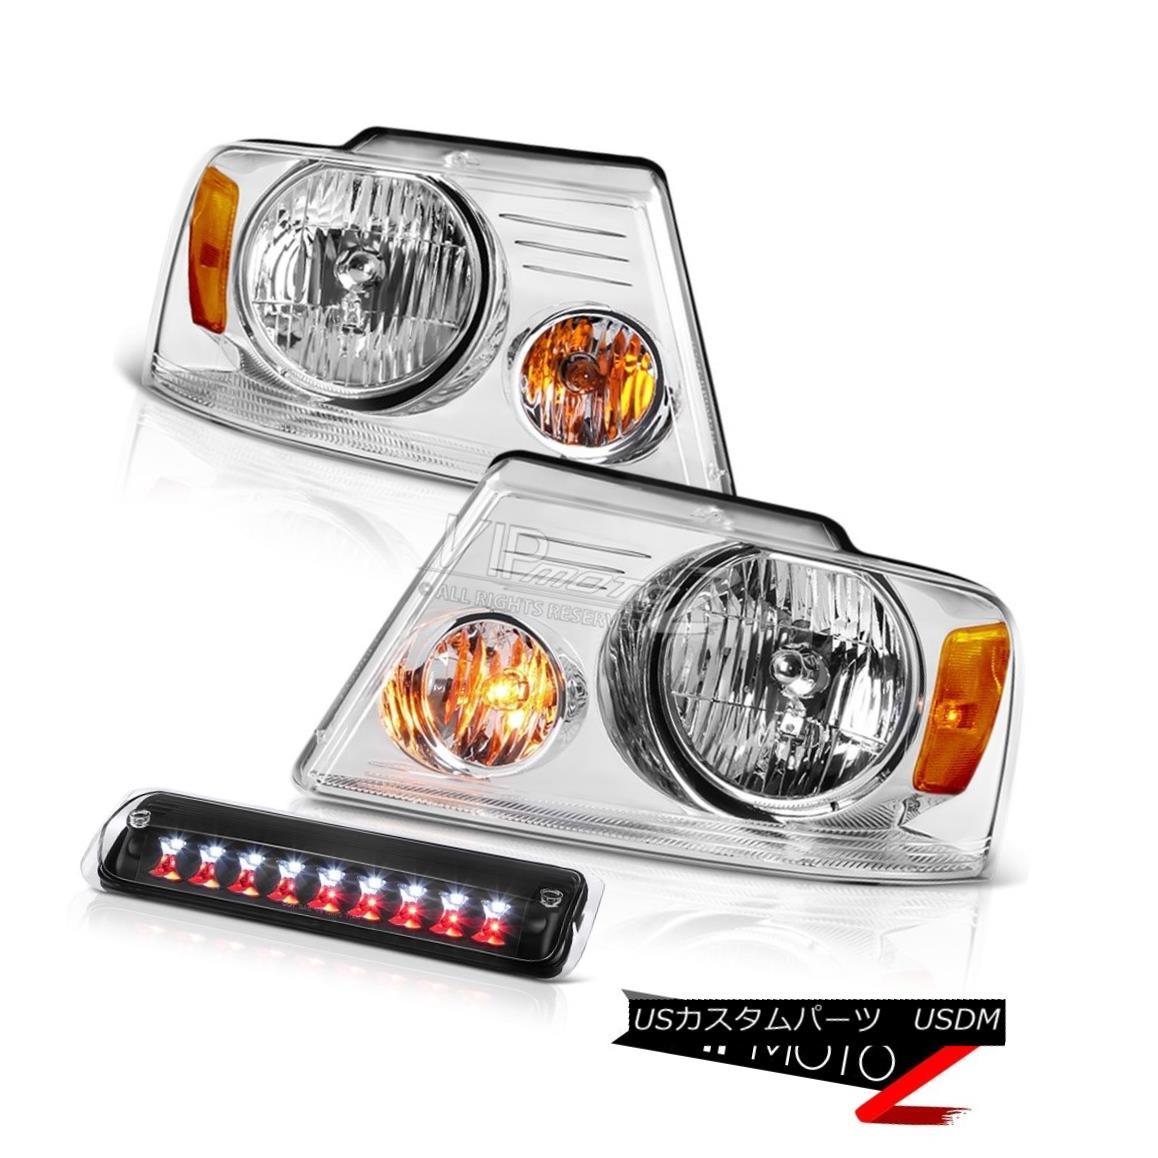 ヘッドライト 04-08 Ford F150 XL Clear Chrome Headlights Black 3RD Brake Lamp Factory Style 04-08フォードF150 XLクリアクロームヘッドライトブラック3RDブレーキランプ工場スタイル